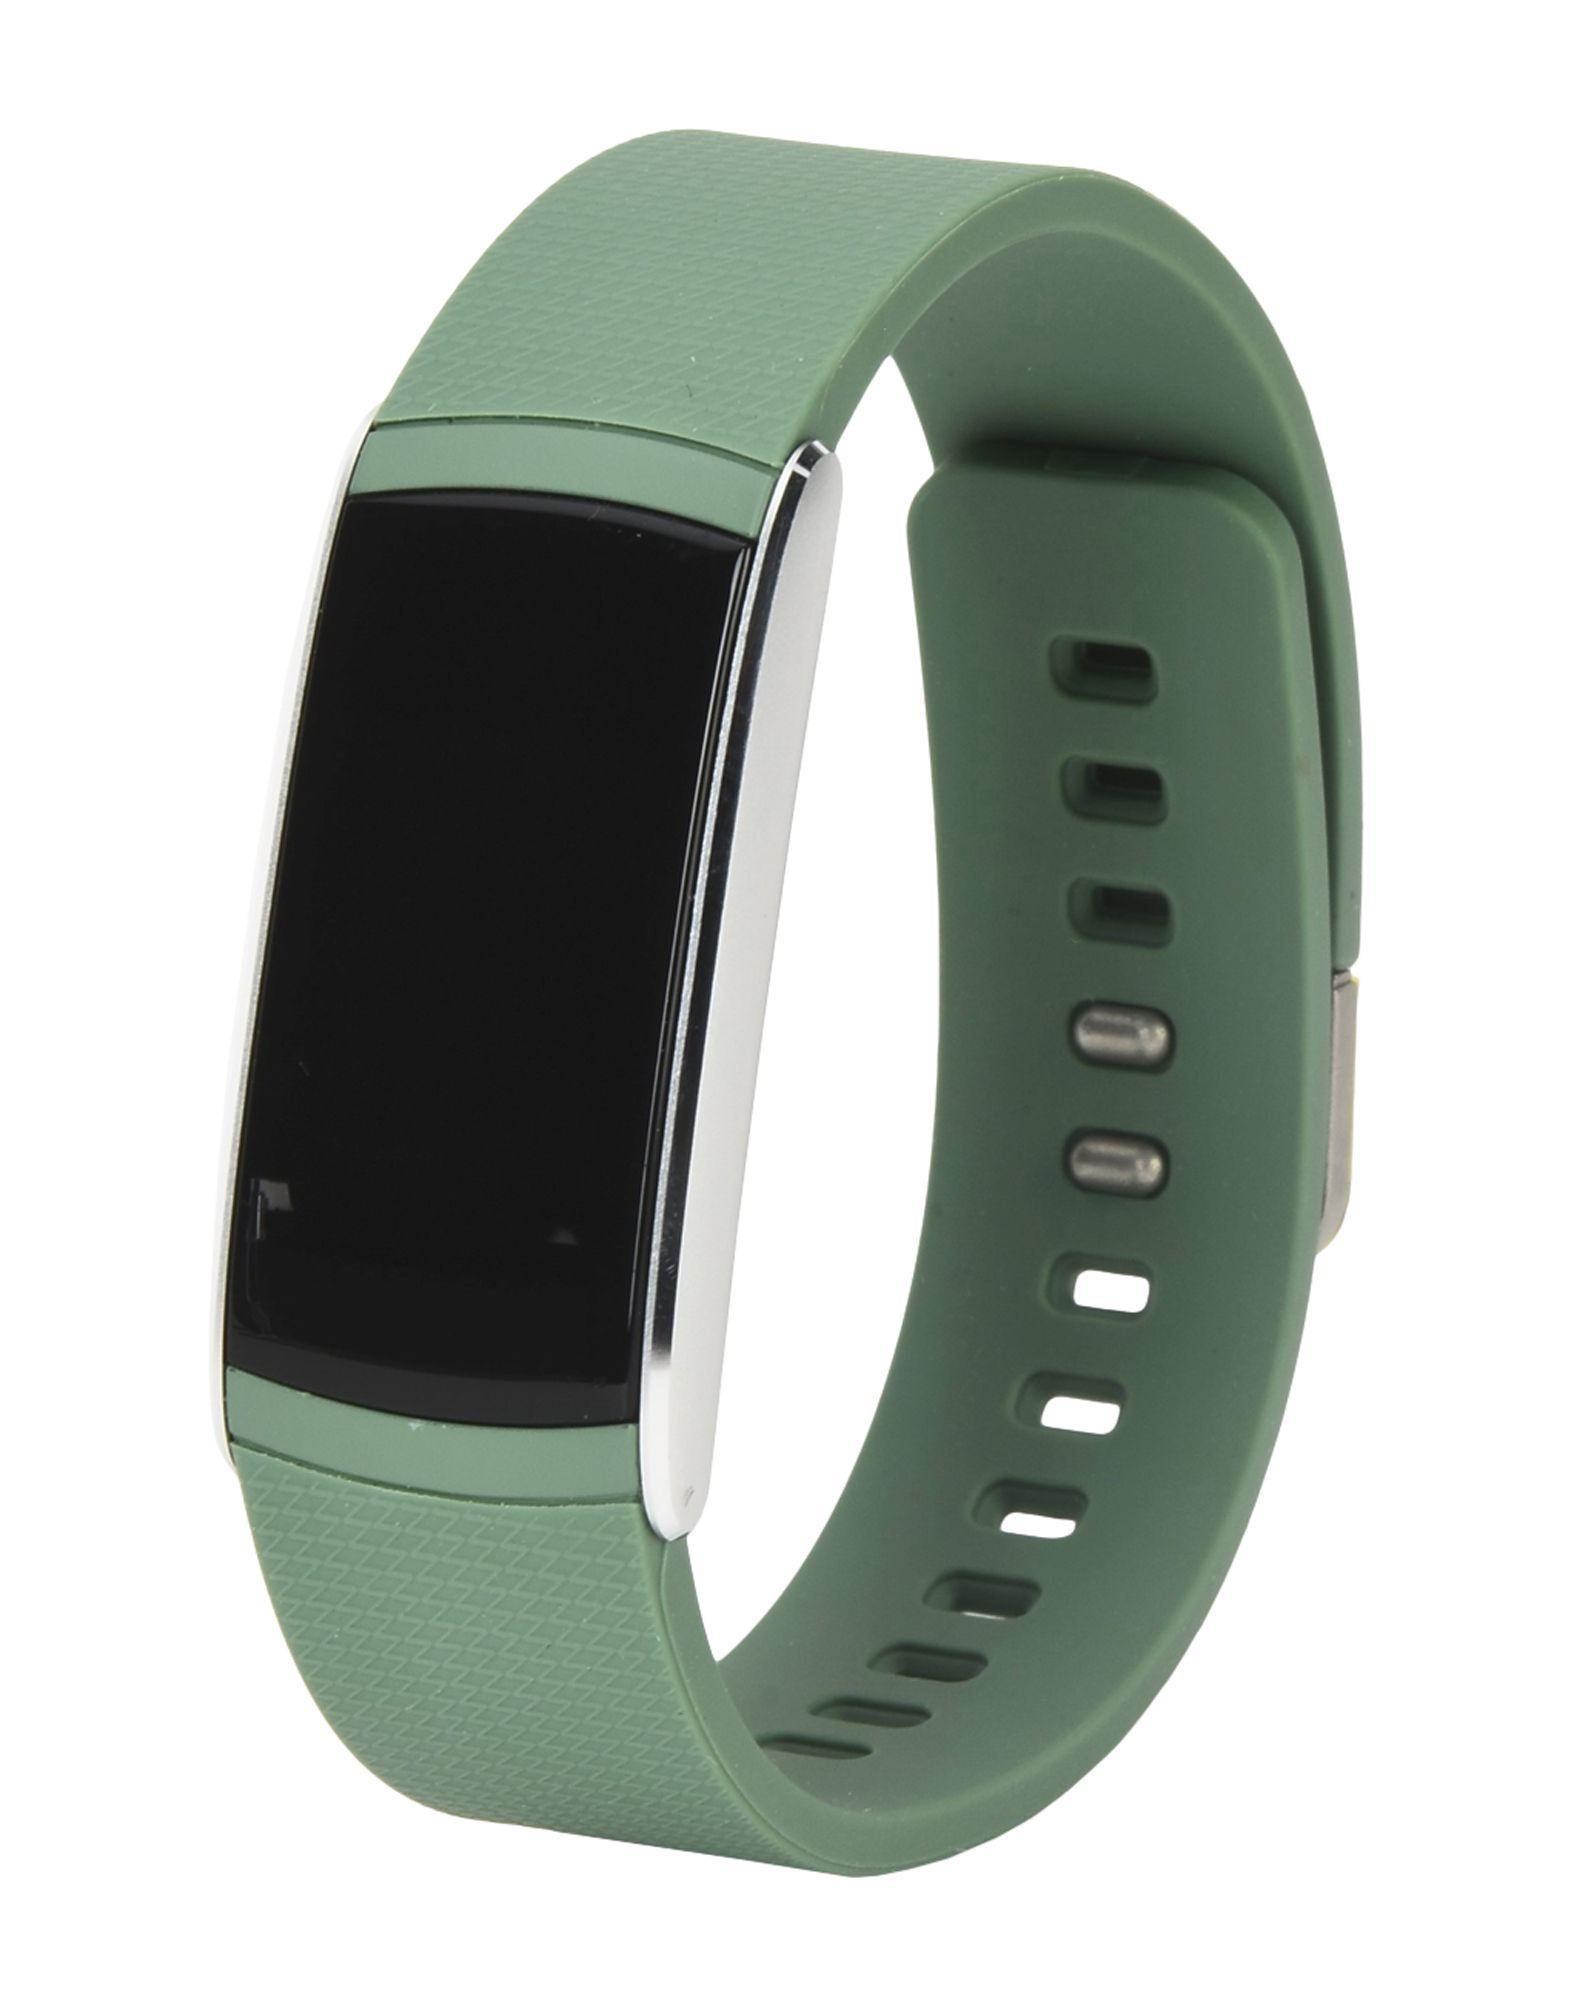 Accessorio Hi-Tech Wiko Wimate Smartband - Uomo - Acquista online su